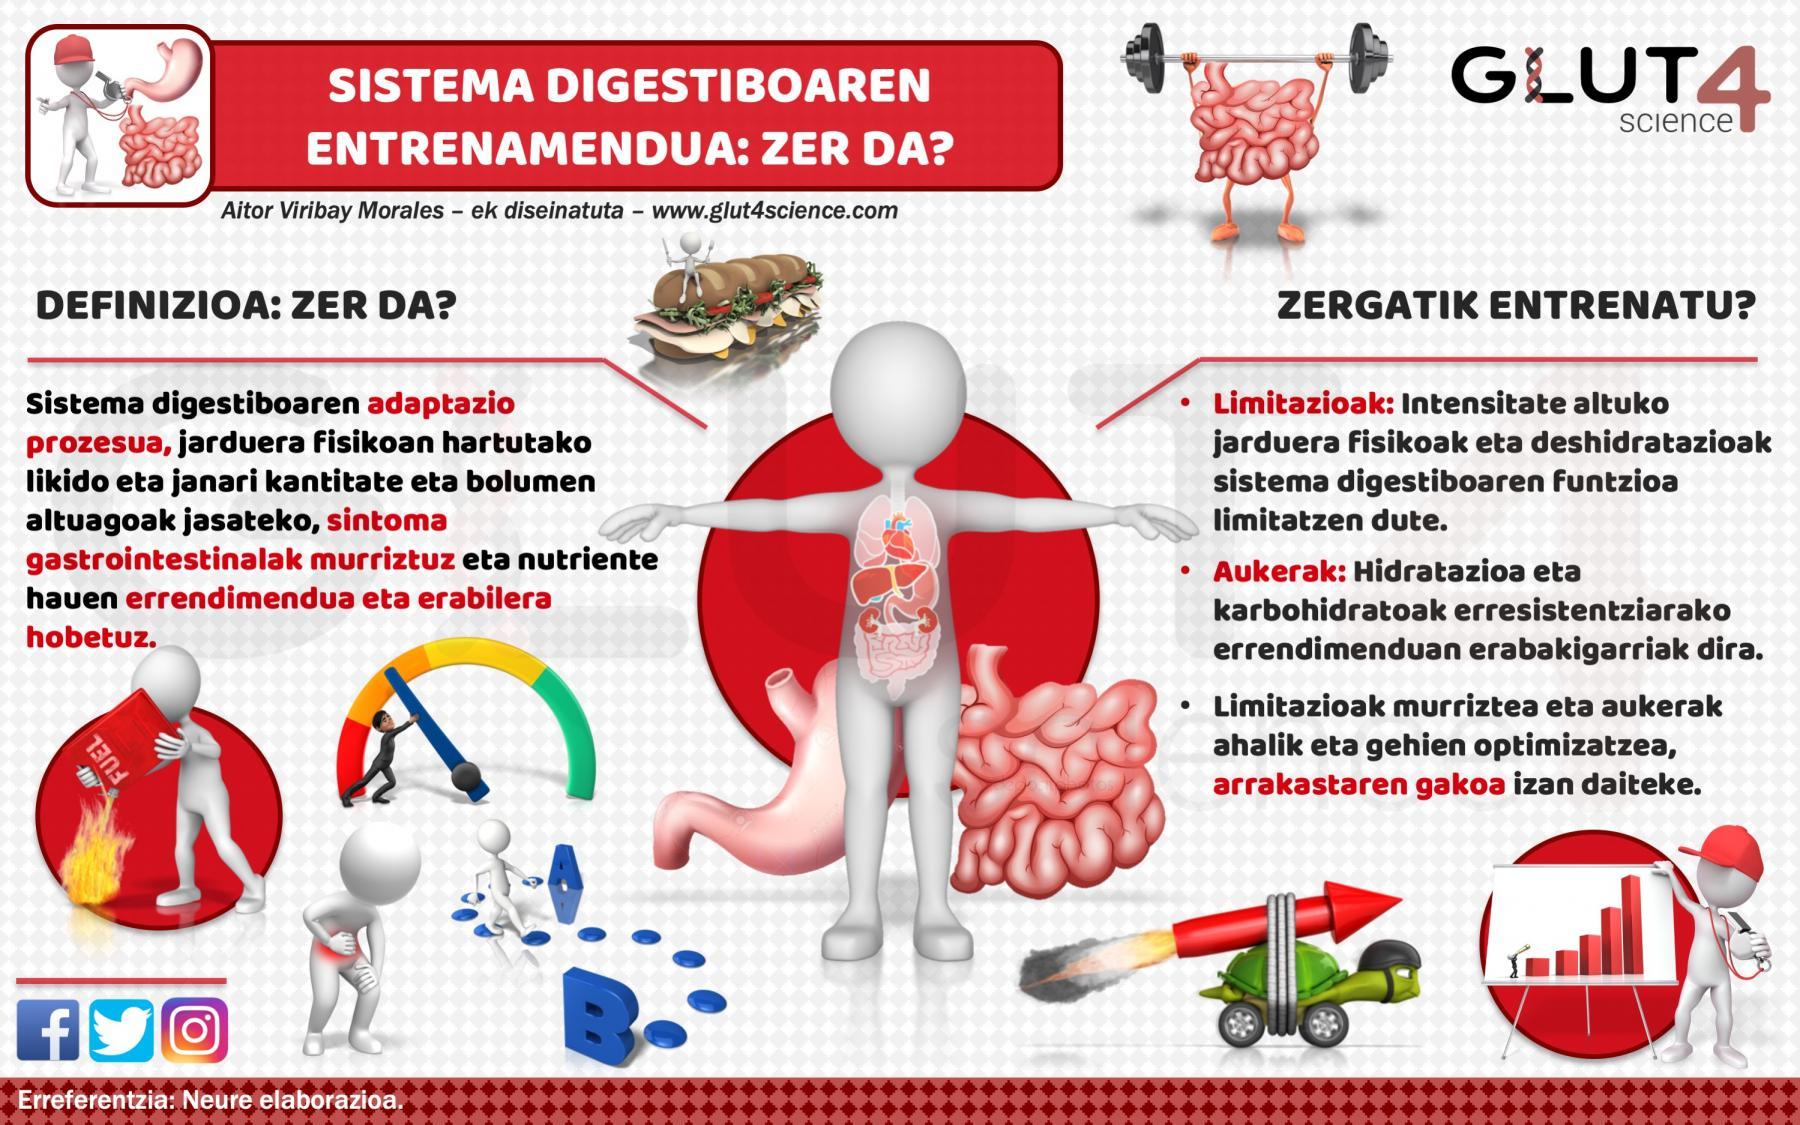 Sistema digestiboaren entrenamendua - zer da?